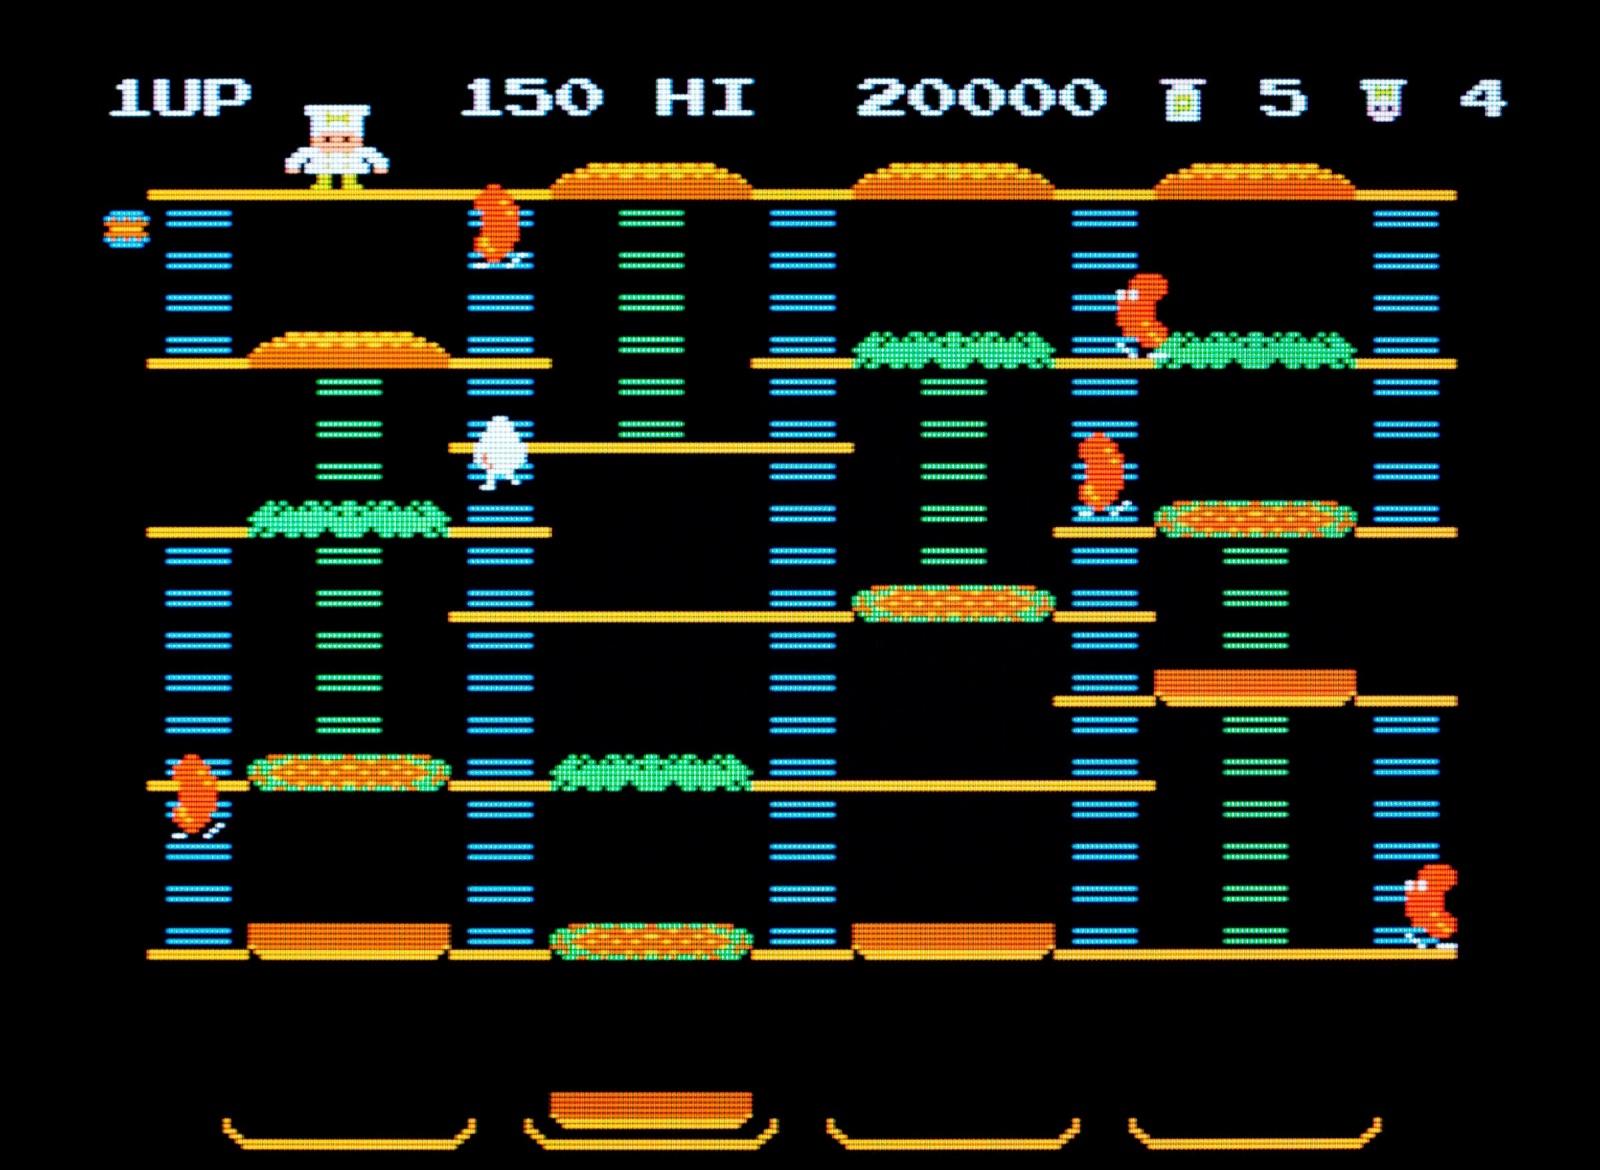 Хорошо забытое старое: стриминг игр на ТВ — идея 80-х годов прошлого века - 1